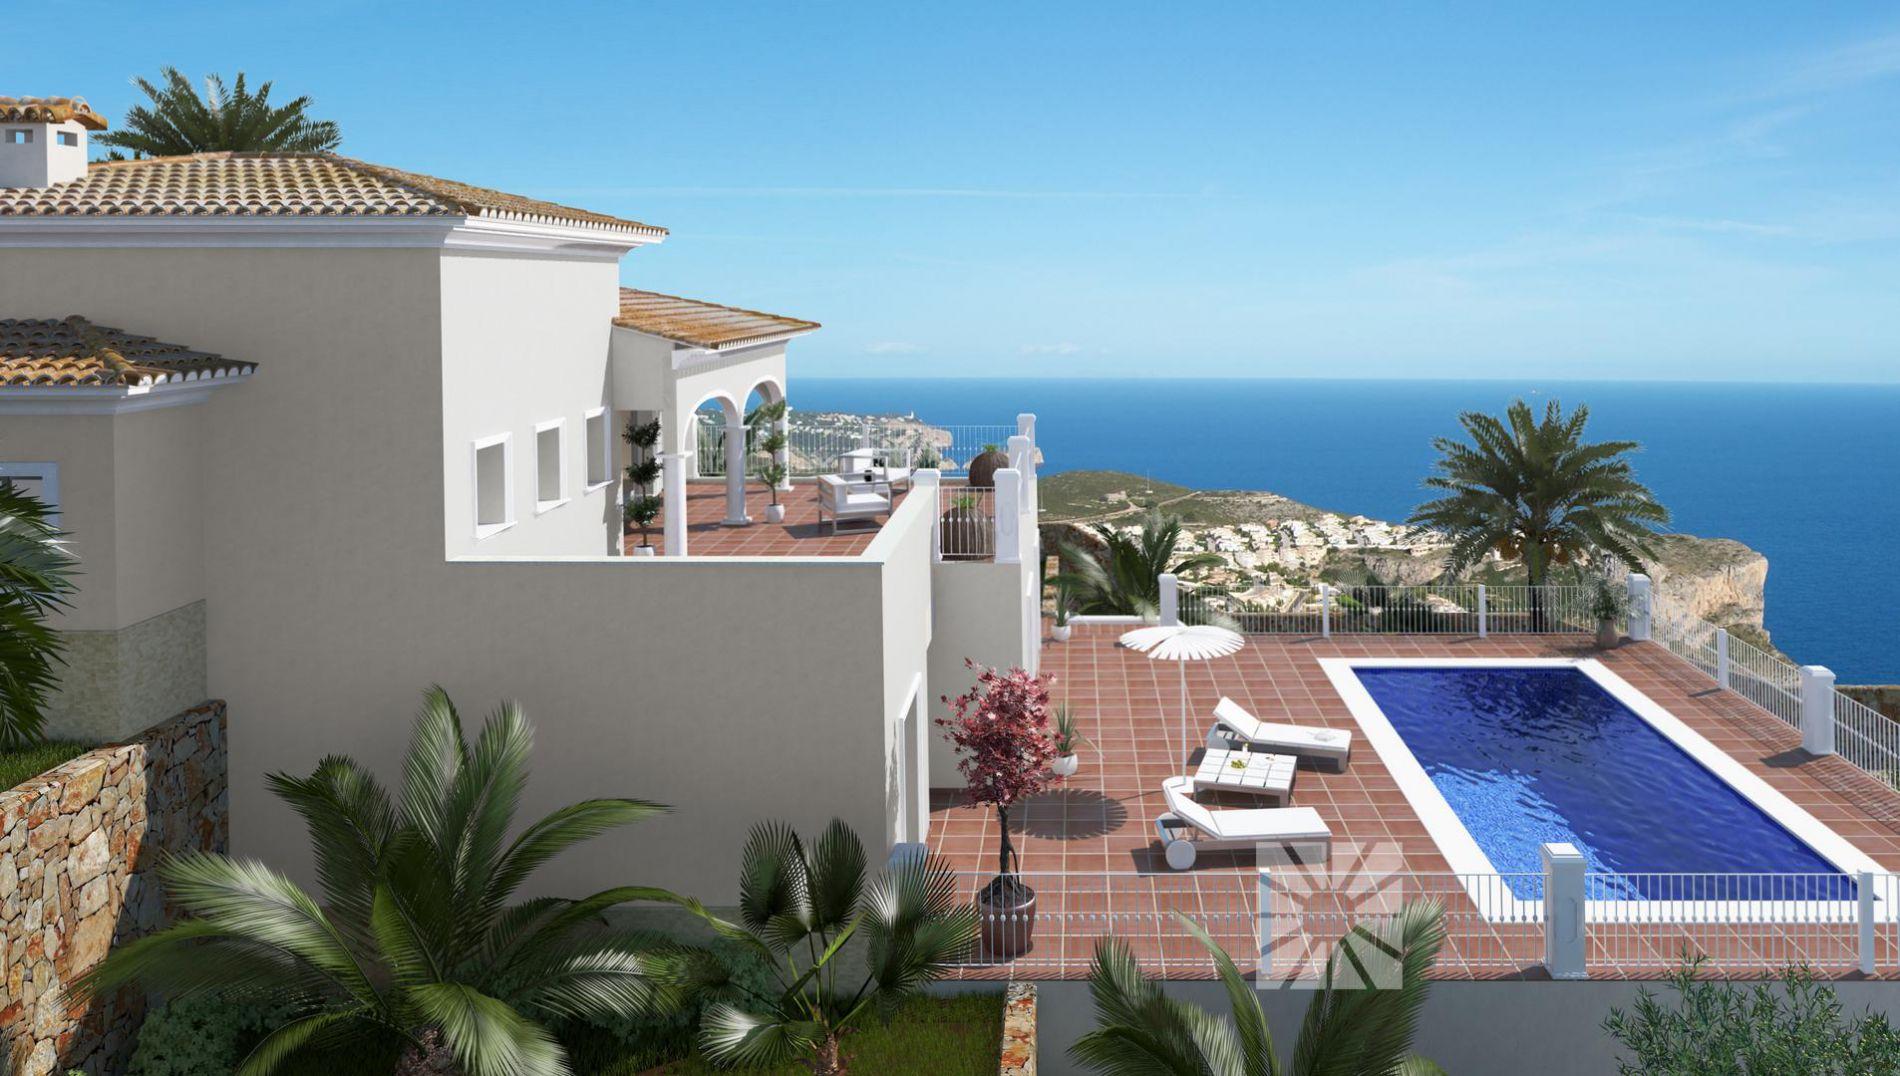 Внж Испания недвижимость фото 2